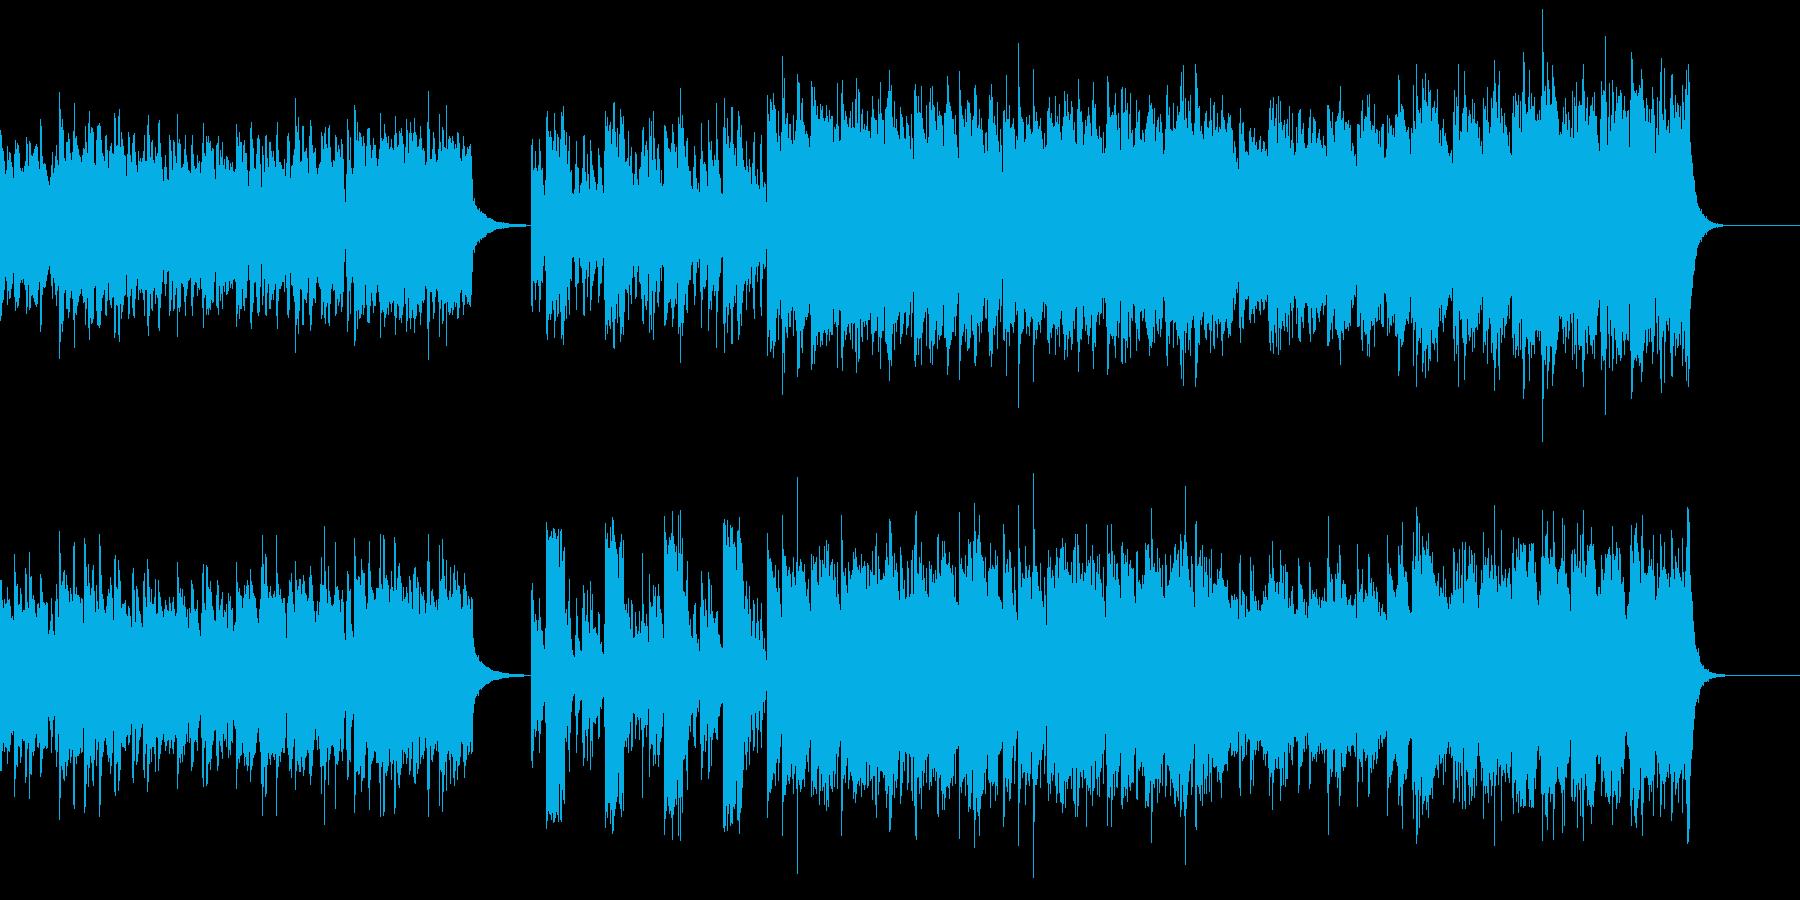 戦闘的なオーケストラの再生済みの波形